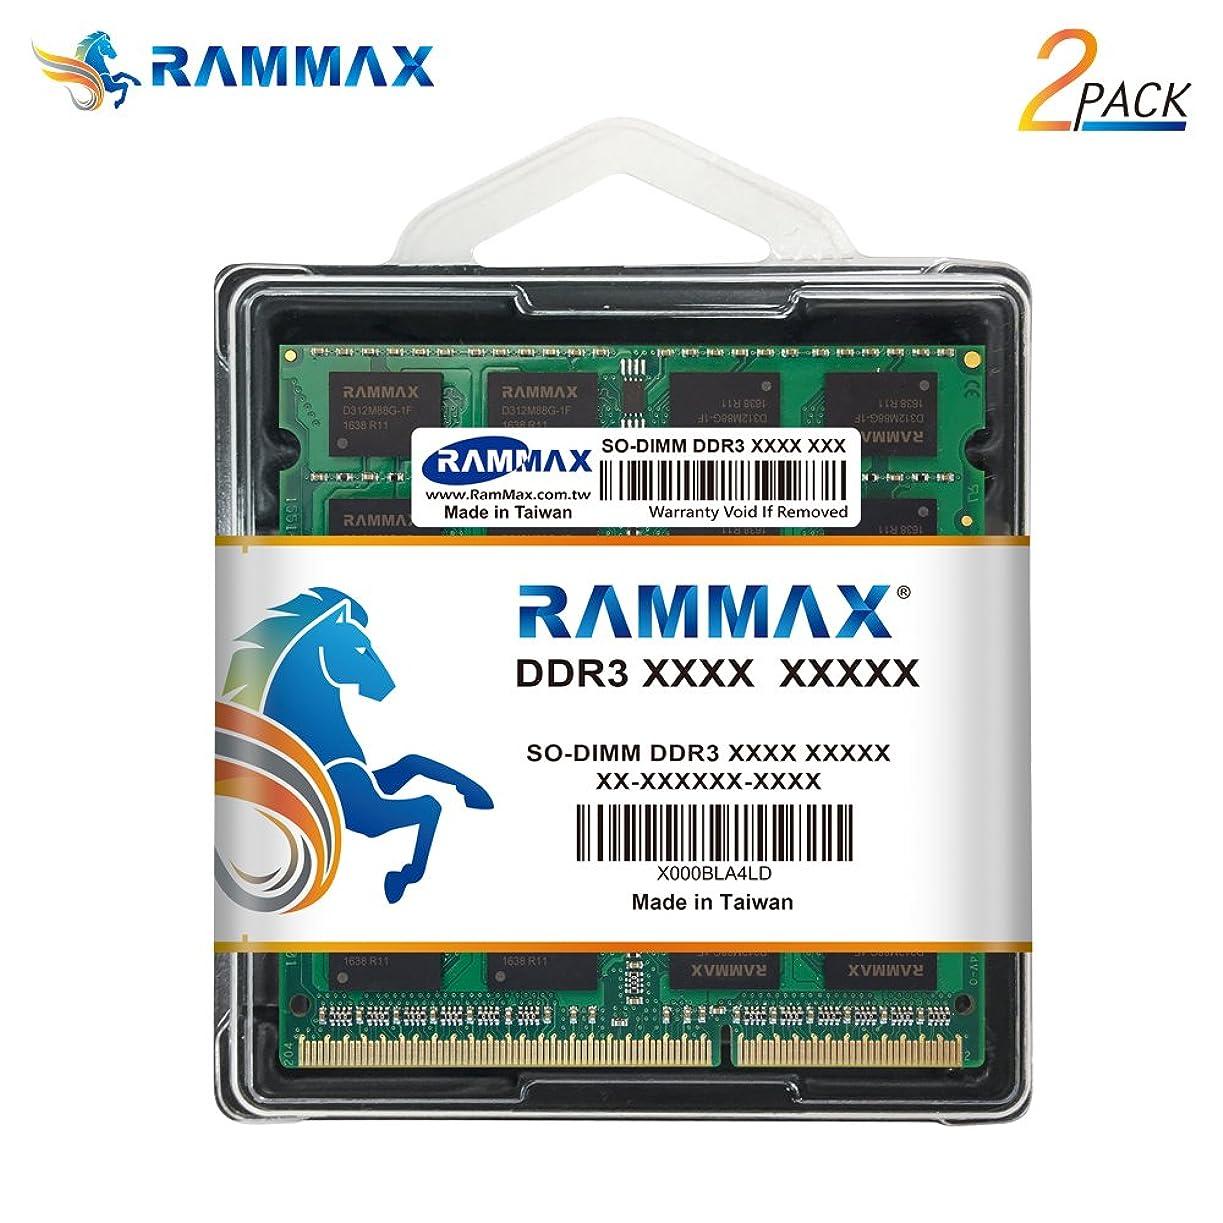 におい写真の即席RamMax 8GBメモリ 2枚組 DDR3 1600 PC12800 RM-SD1600-D16GB DUAL 204pin DDR3-SO-DIMM ノート パソコン用 増設メモリ 16GB デュアル